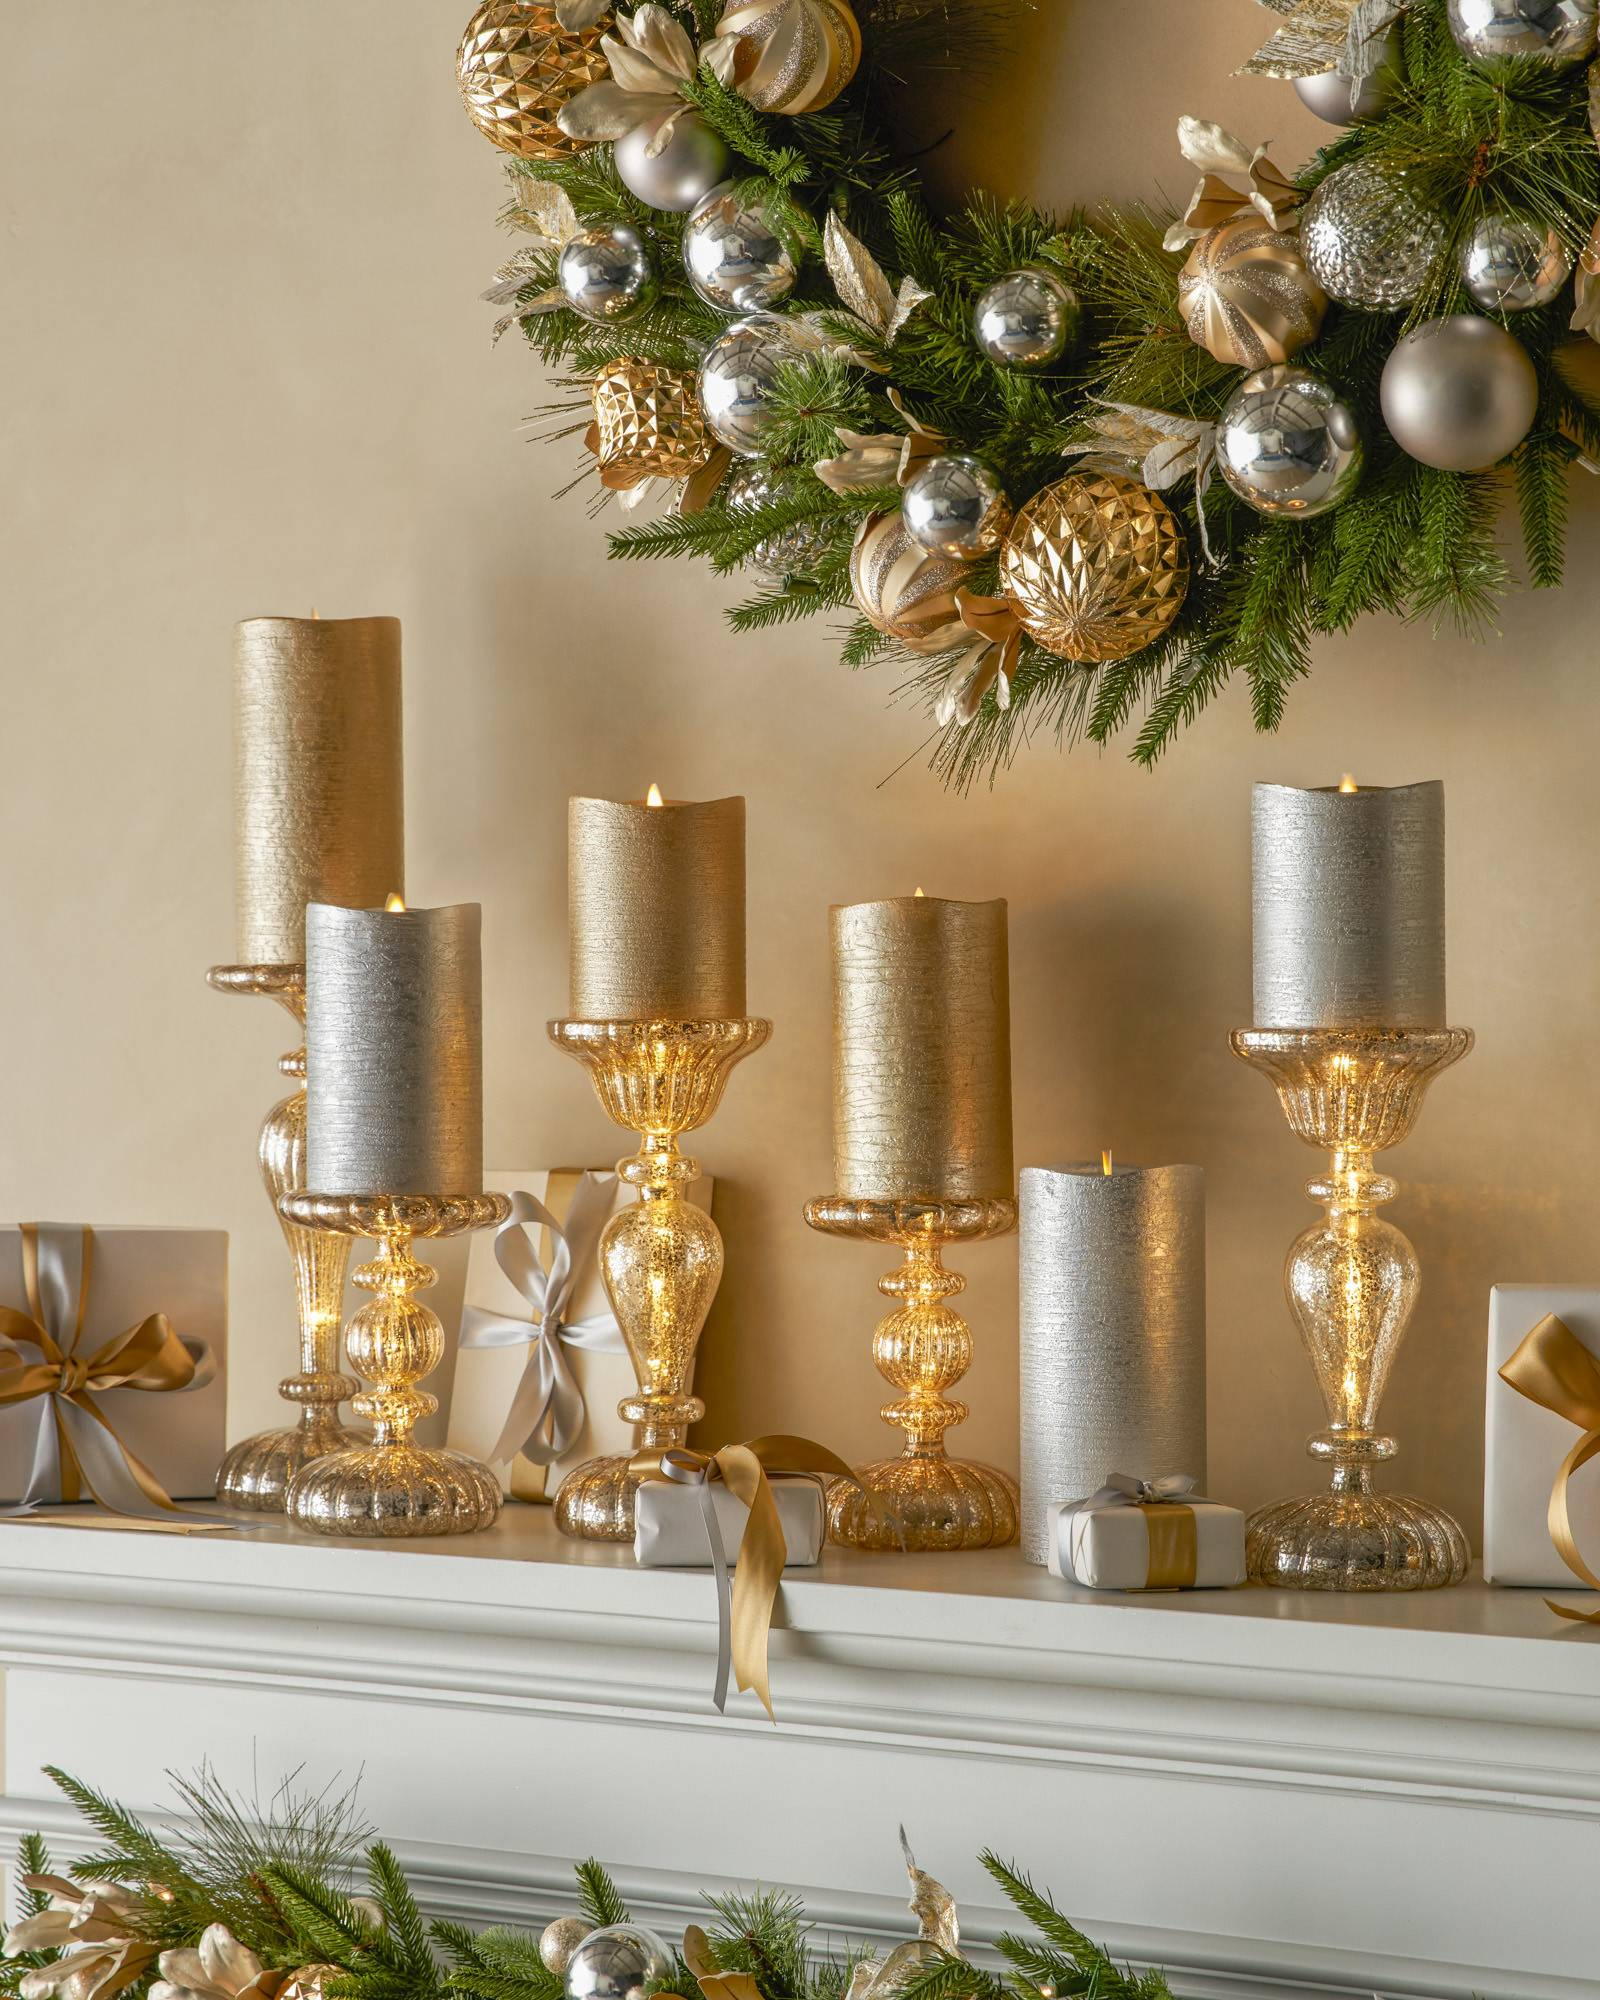 led mercury glass candle holders alt